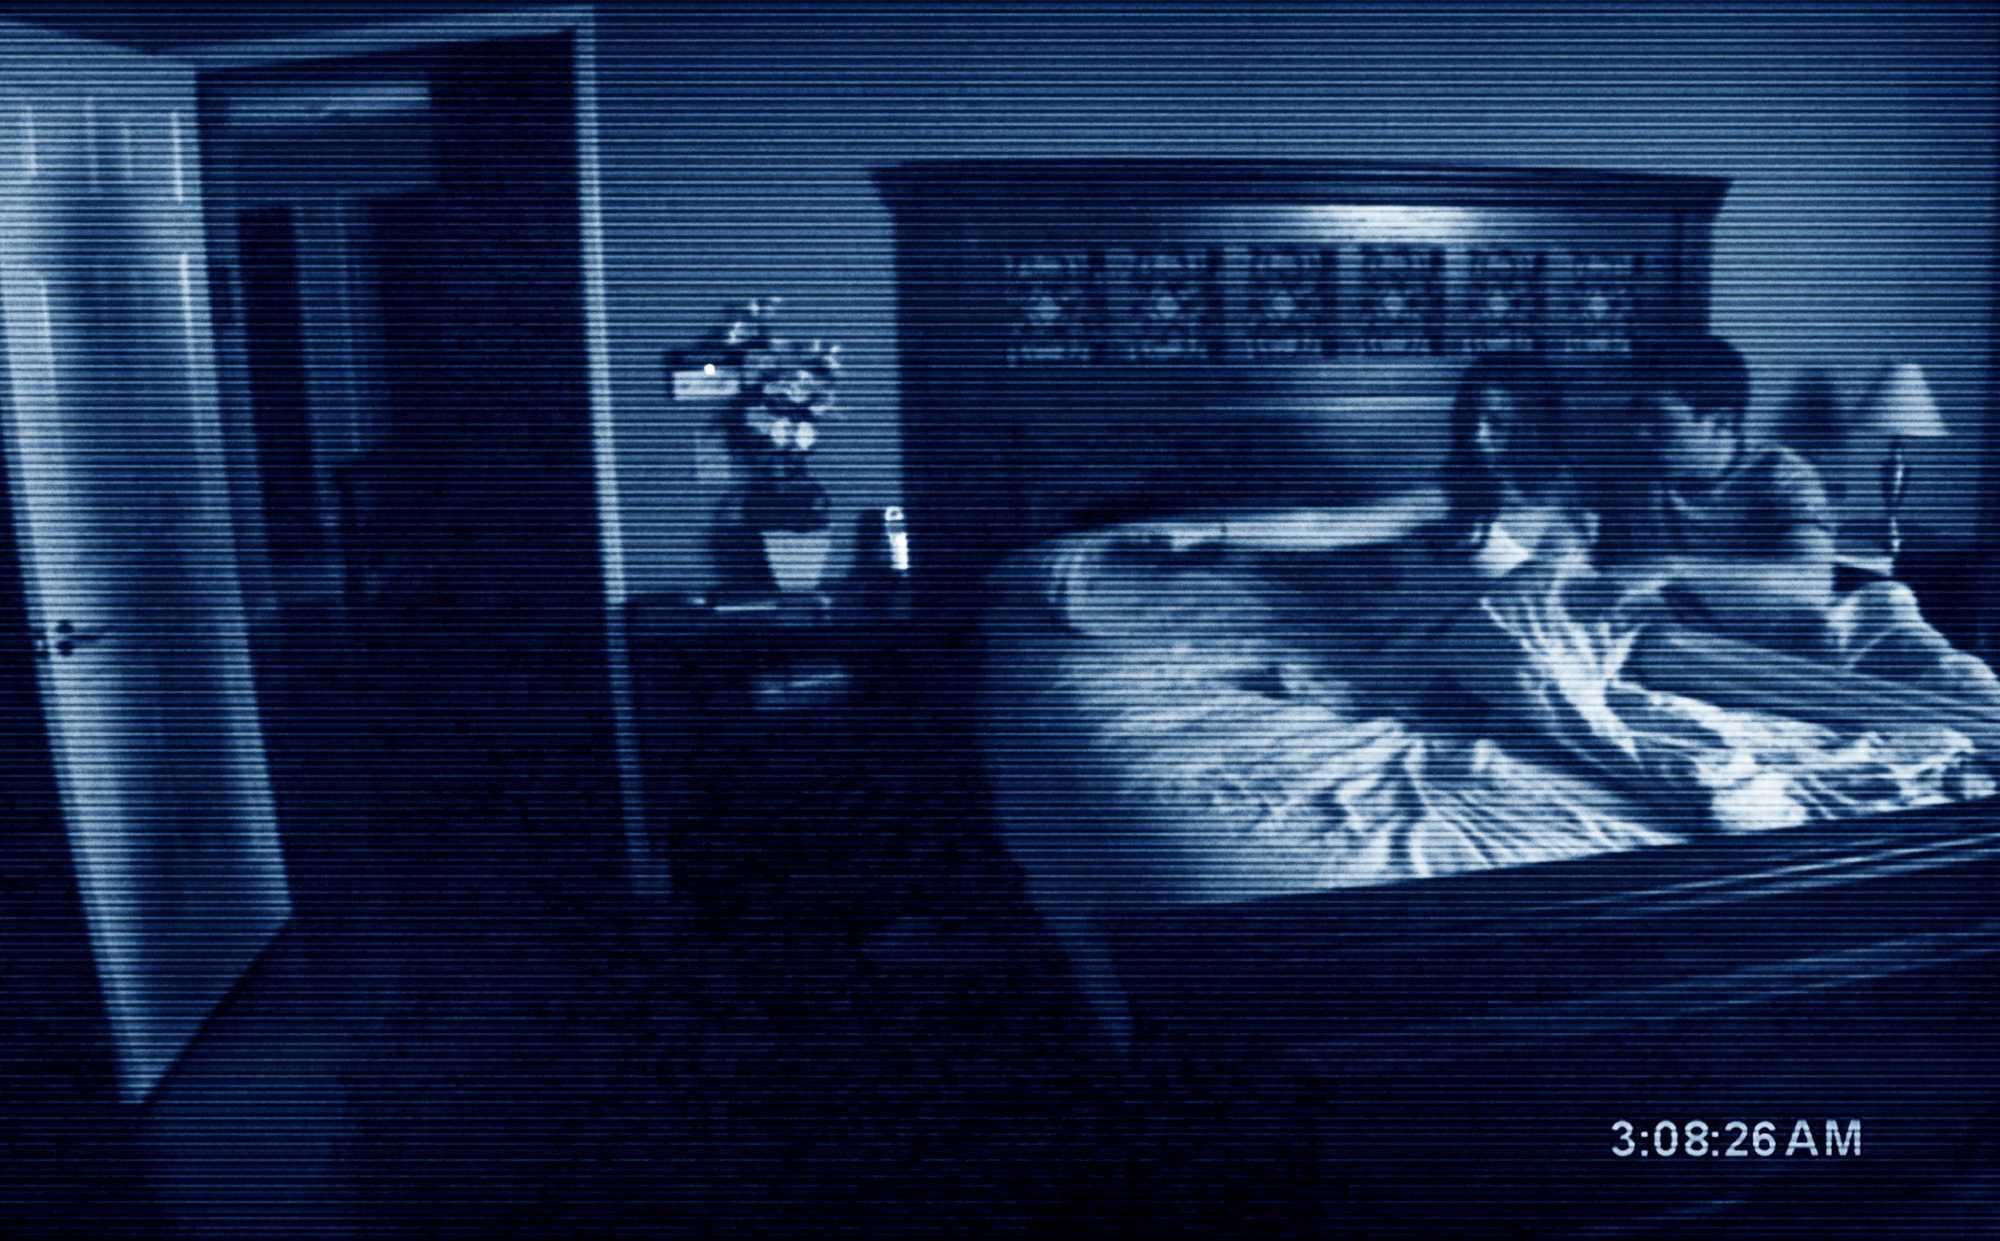 8coisas sobre Atividade Paranormal que você jamais imaginaria ser verdade